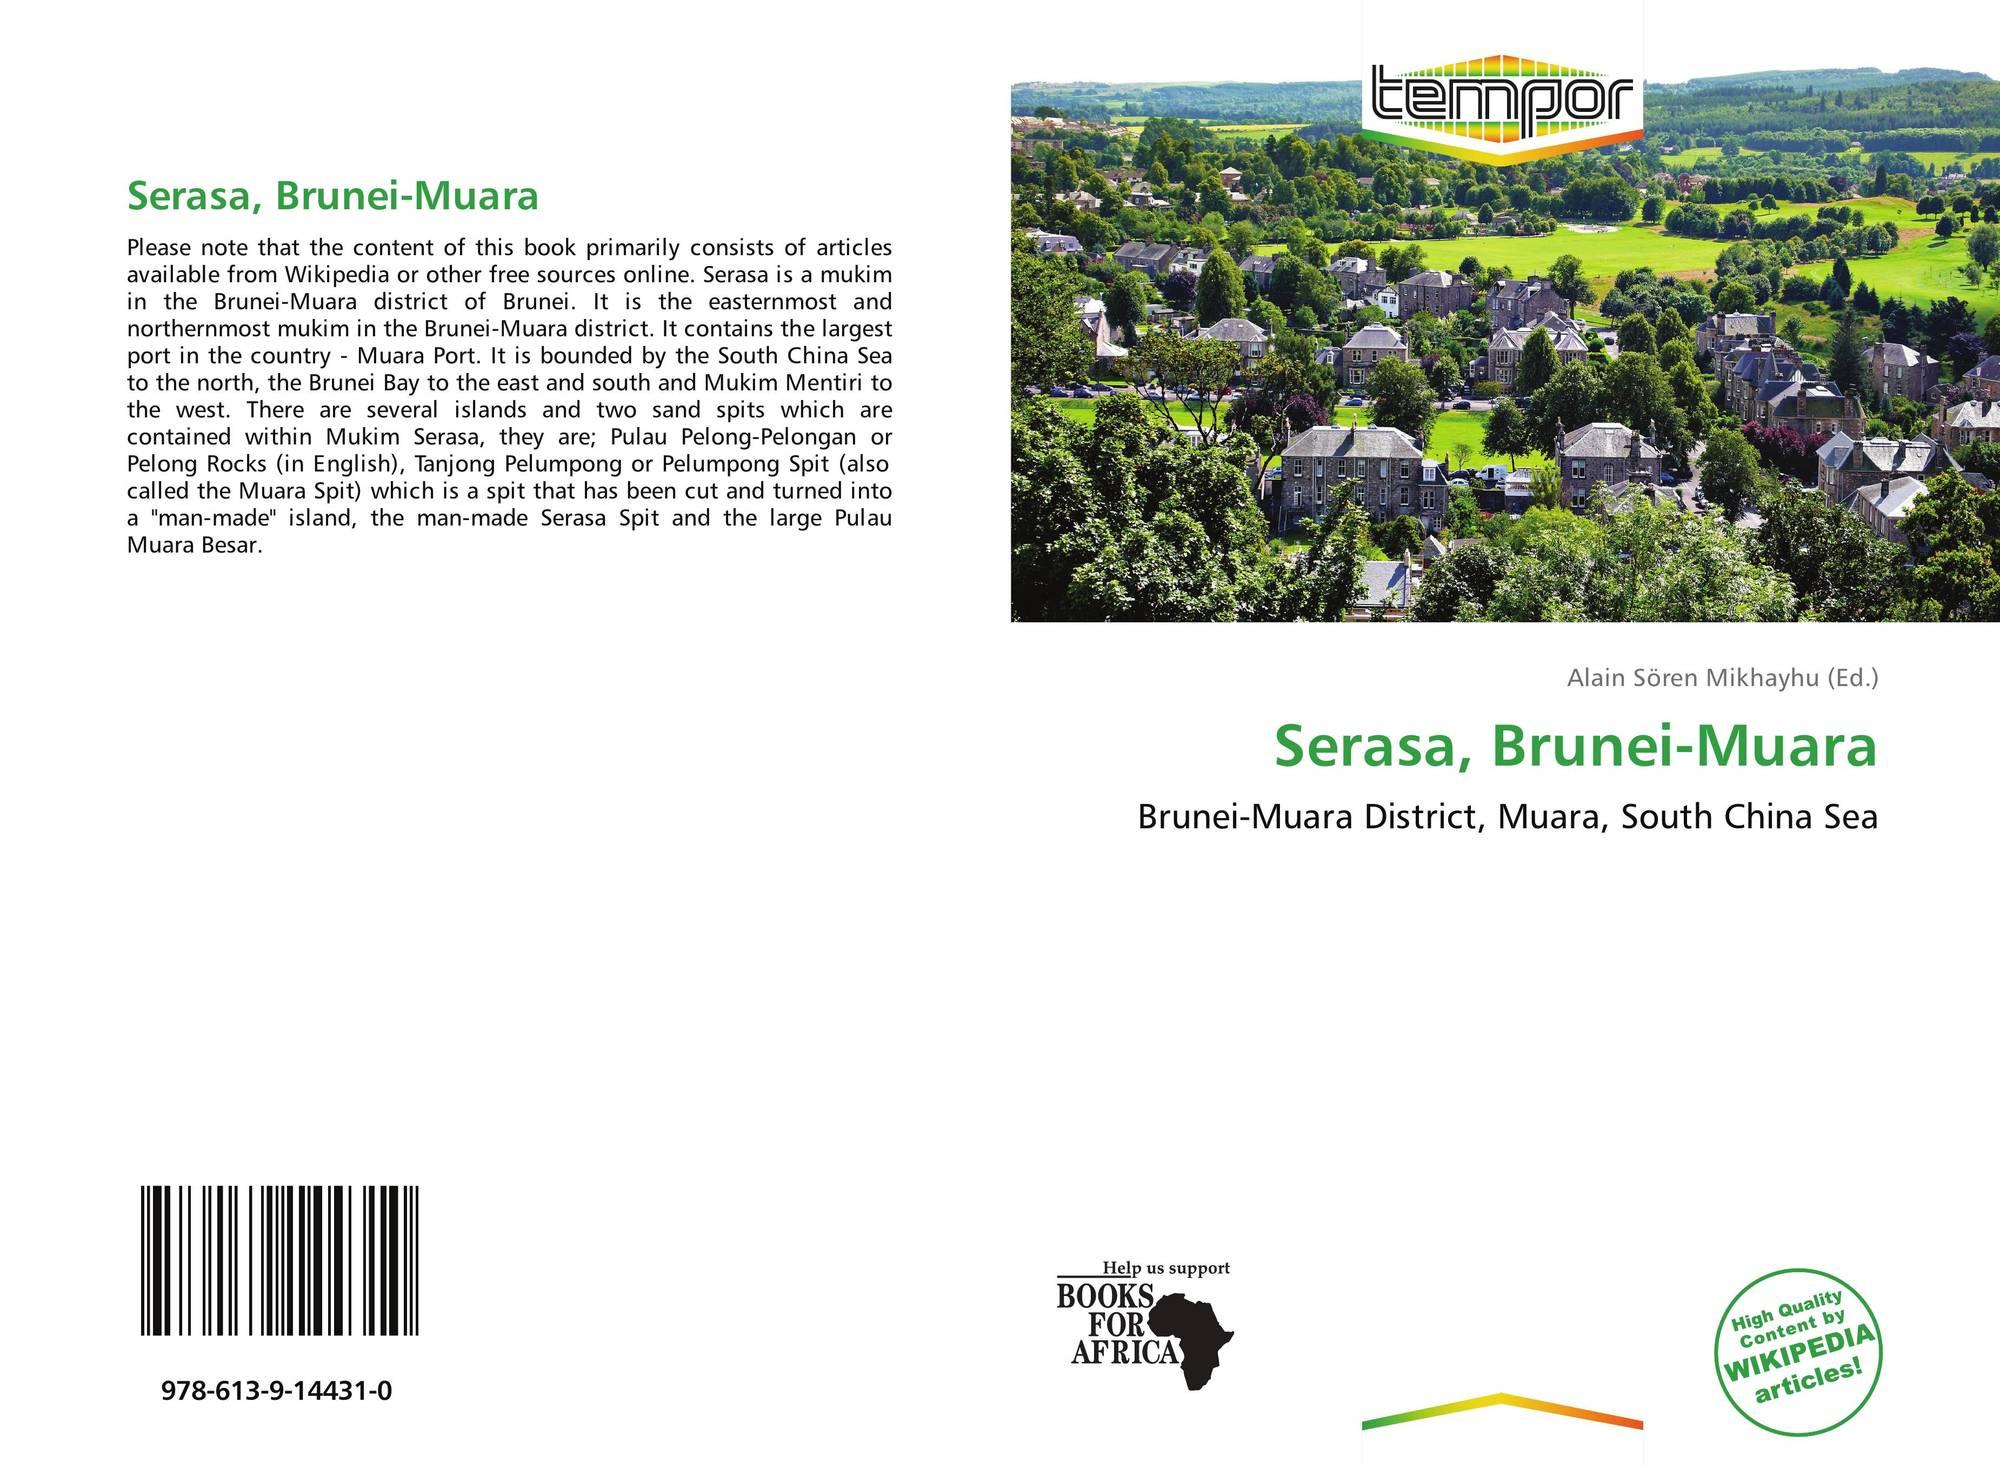 Serasa, Brunei-Muara, 978-613-9-14431-0, 6139144310